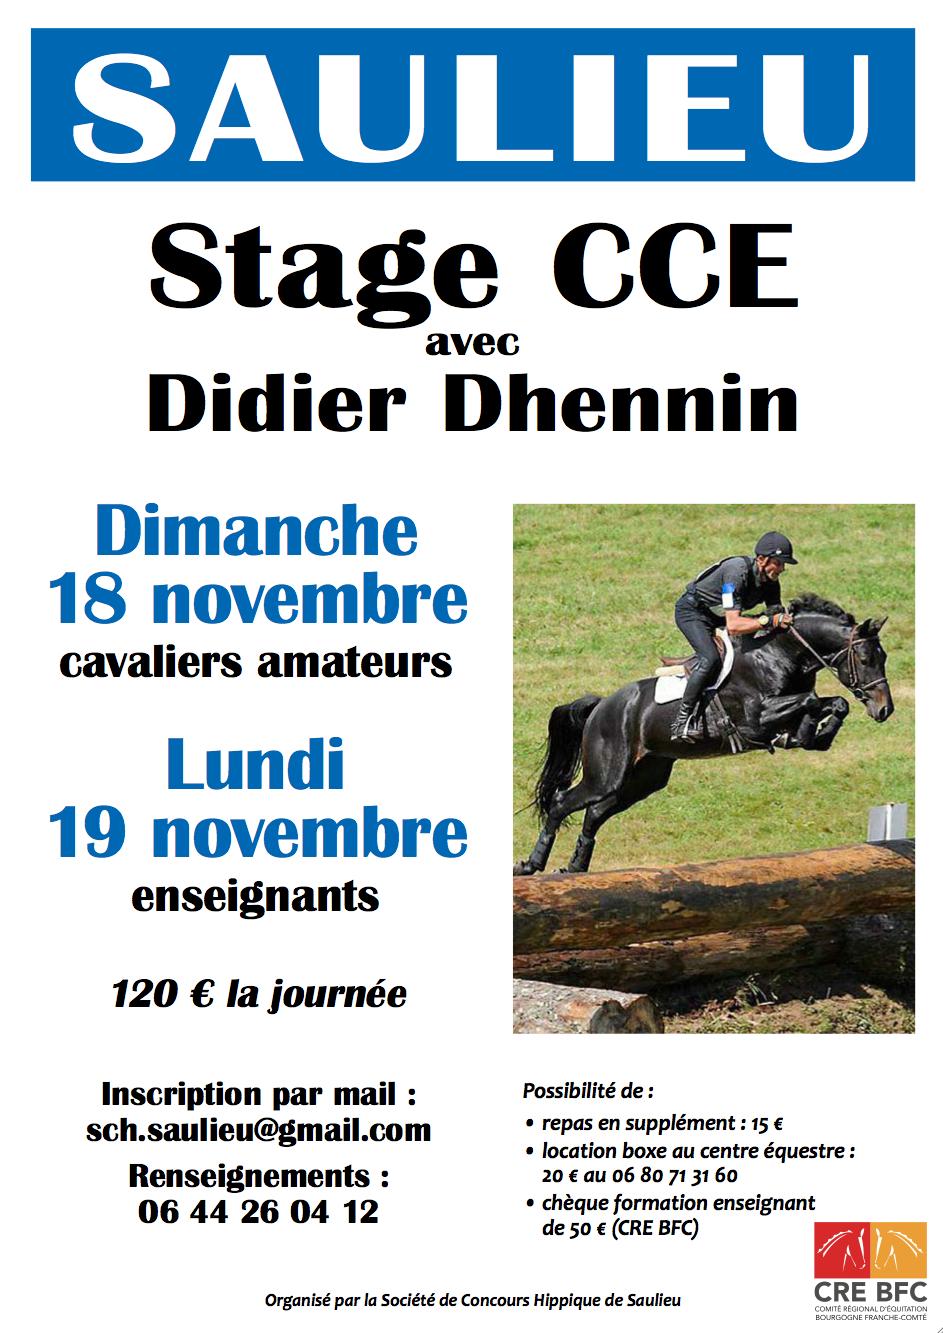 STAGE CCE AVEC DIDIER DHENNIN - SAULIEU (21)